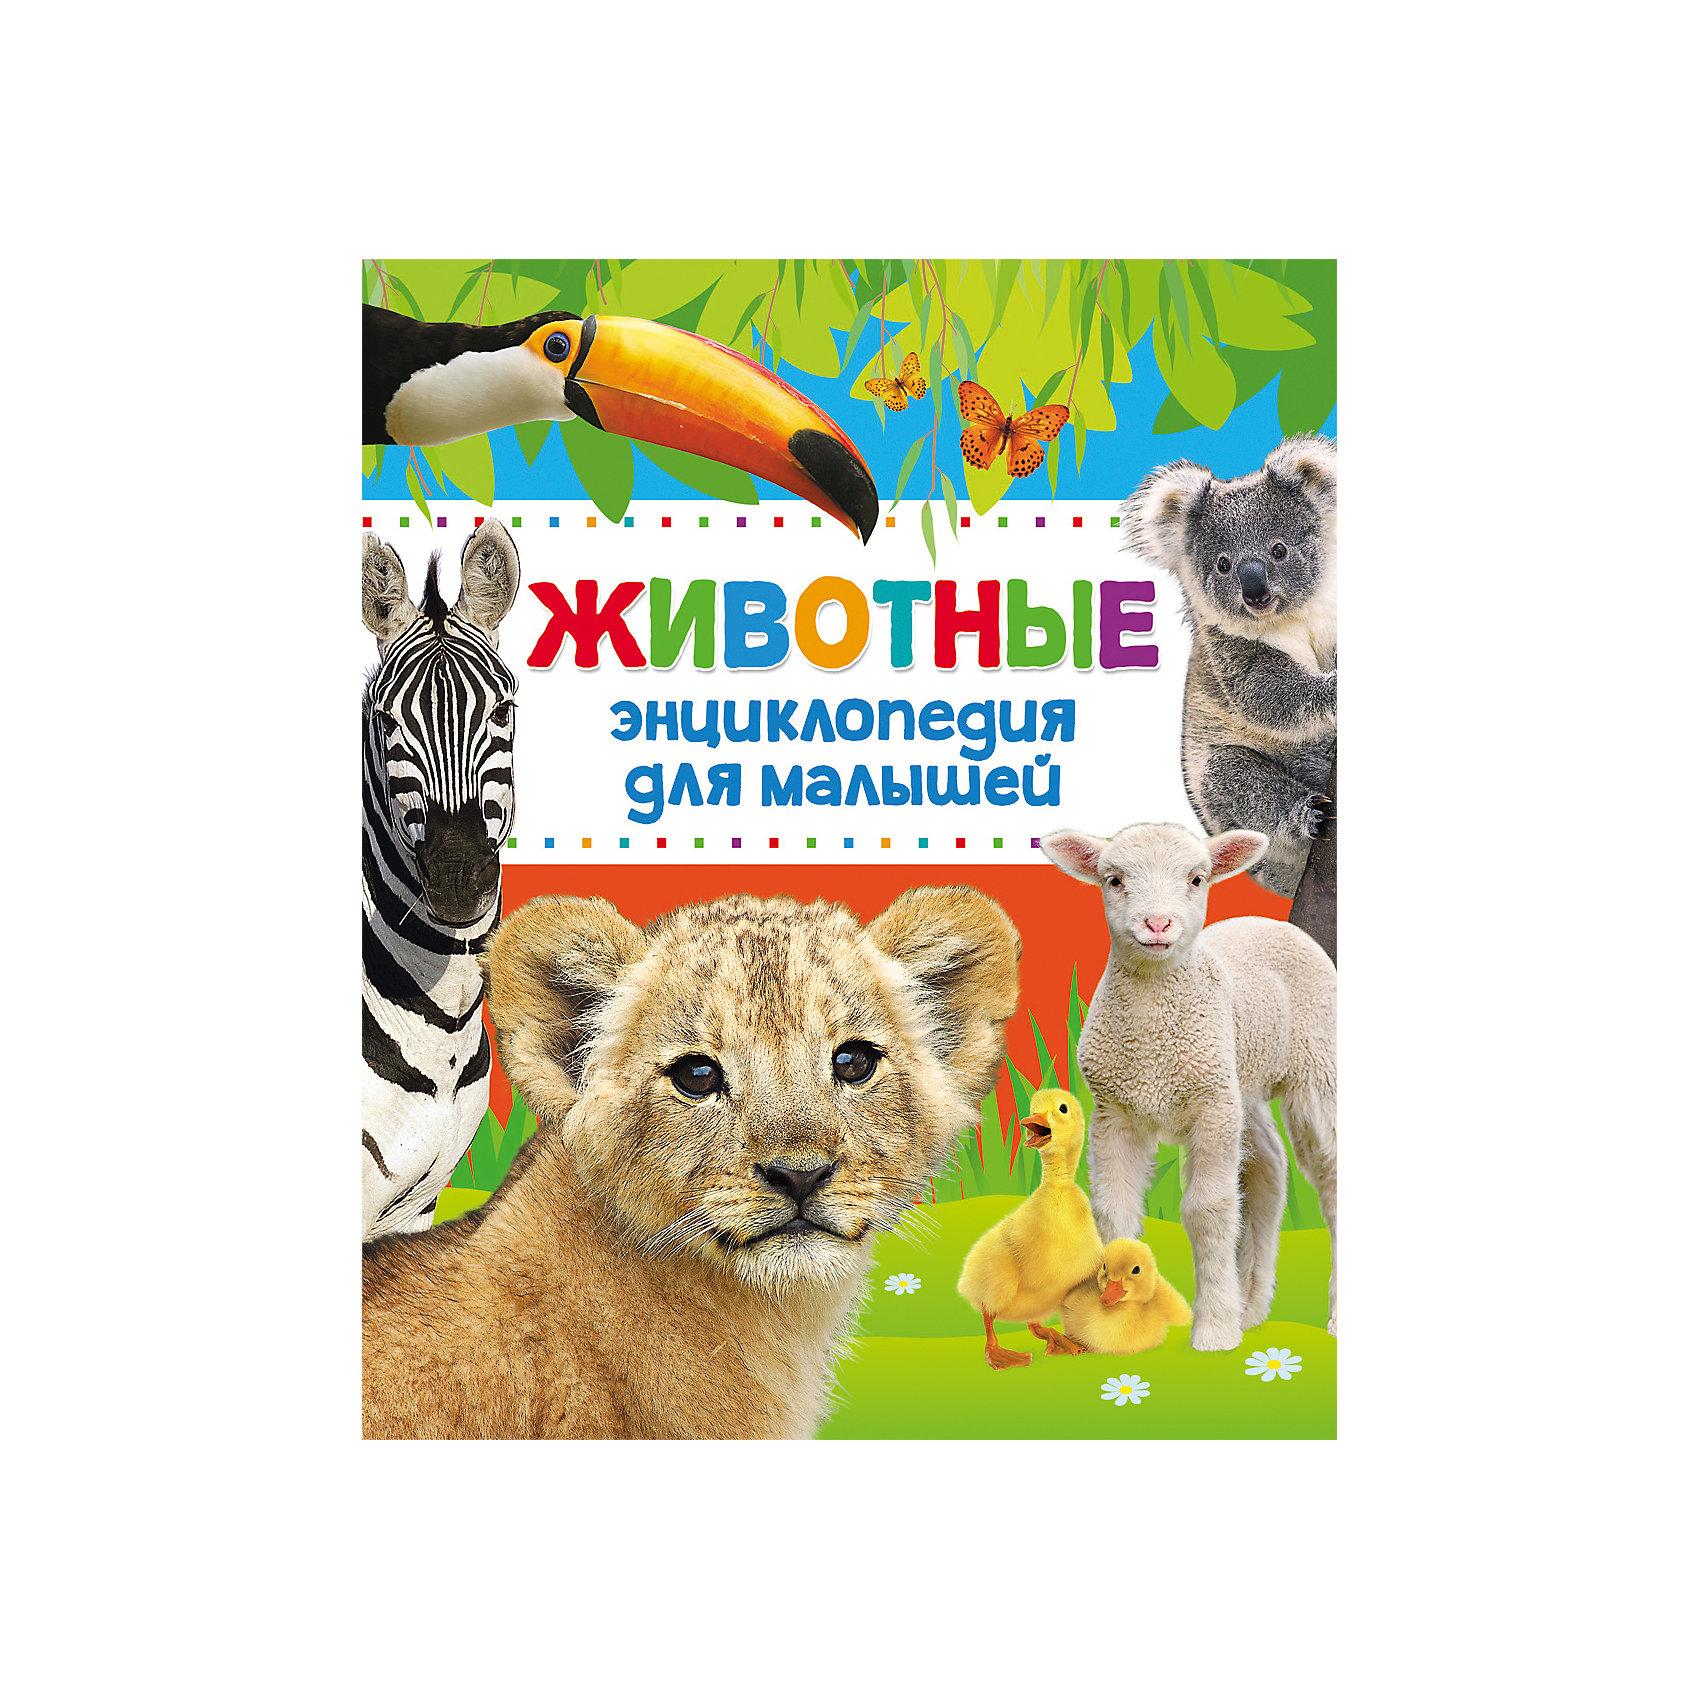 Энциклопедия для малышей ЖивотныеЭнциклопедии о животных<br>Характеристики товара:<br><br>- цвет: разноцветный;<br>- материал: бумага;<br>- страниц: 144;<br>- формат: 84х100/16;<br>- обложка: твердая;<br>- цветные иллюстрации.<br><br>Эта интересная книга с иллюстрациями станет отличным подарком для ребенка. Она содержит в себе яркие картинки, которые помогут малышам познакомиться со многими предметами из окружающего мира, а также пояснения к ним. В книге - море полезной информации для ребенка!<br>Чтение и рассматривание картинок даже в юном возрасте помогает ребенку развивать зрительную память, концентрацию внимания и воображение. Издание произведено из качественных материалов, которые безопасны даже для самых маленьких.<br><br>Издание Энциклопедия для малышей Животные от компании Росмэн можно купить в нашем интернет-магазине.<br><br>Ширина мм: 243<br>Глубина мм: 204<br>Высота мм: 10<br>Вес г: 561<br>Возраст от месяцев: 36<br>Возраст до месяцев: 72<br>Пол: Унисекс<br>Возраст: Детский<br>SKU: 5110161